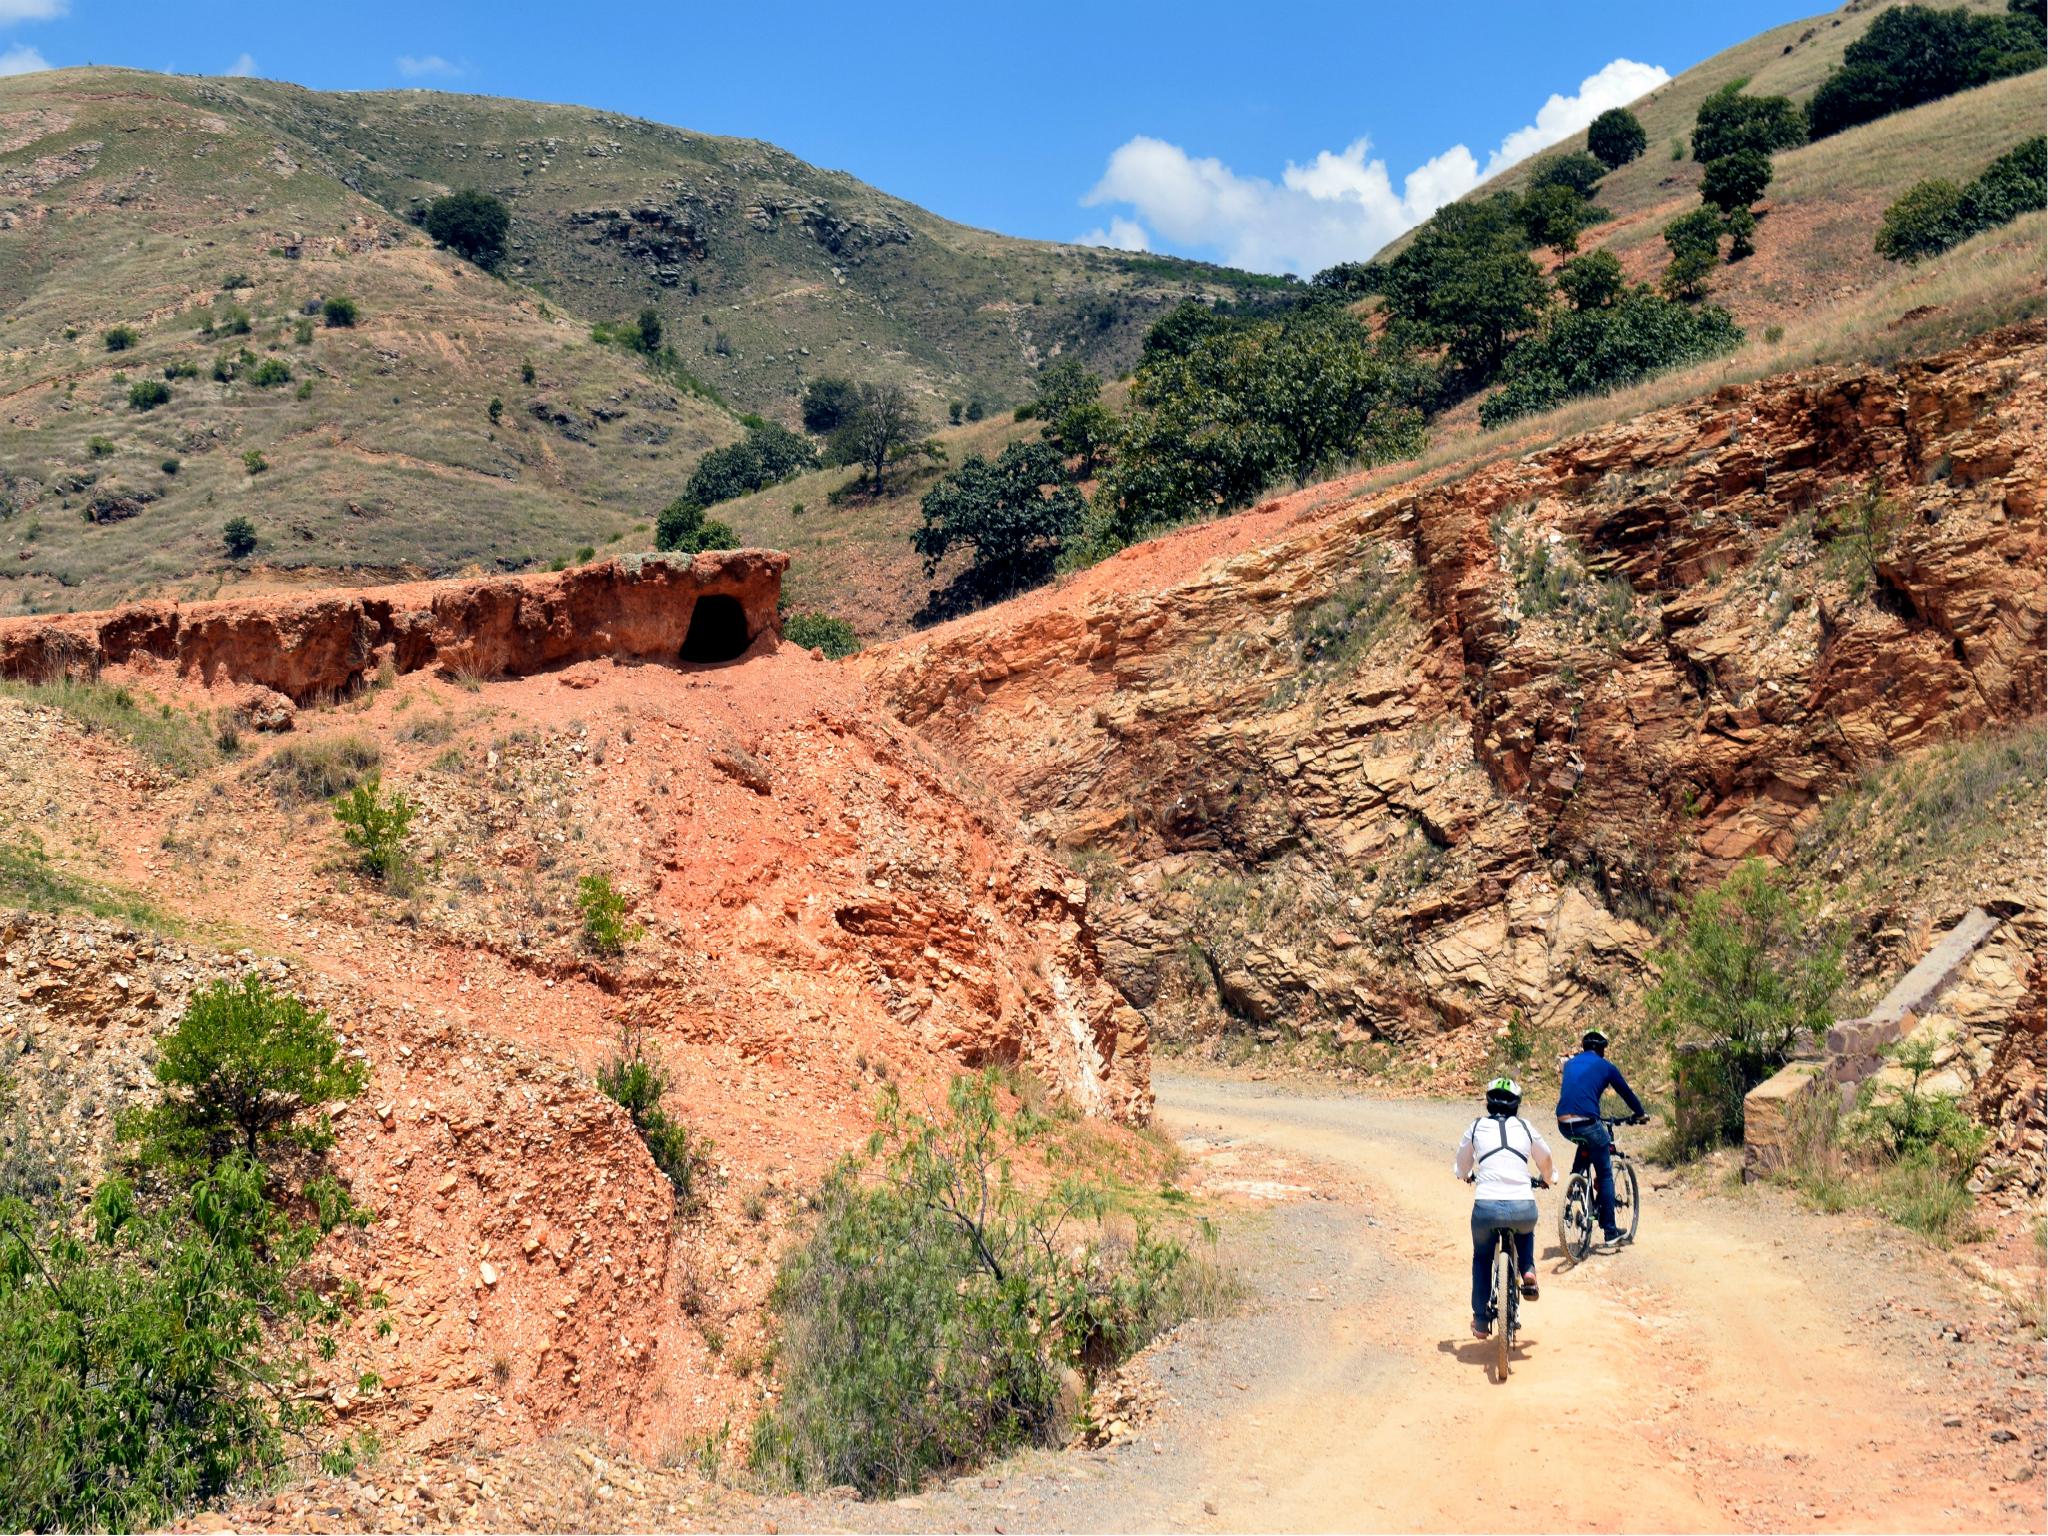 Bicicletas de montaña en Guanajuato, turismo de aventura por la Sierra de Guanajuato